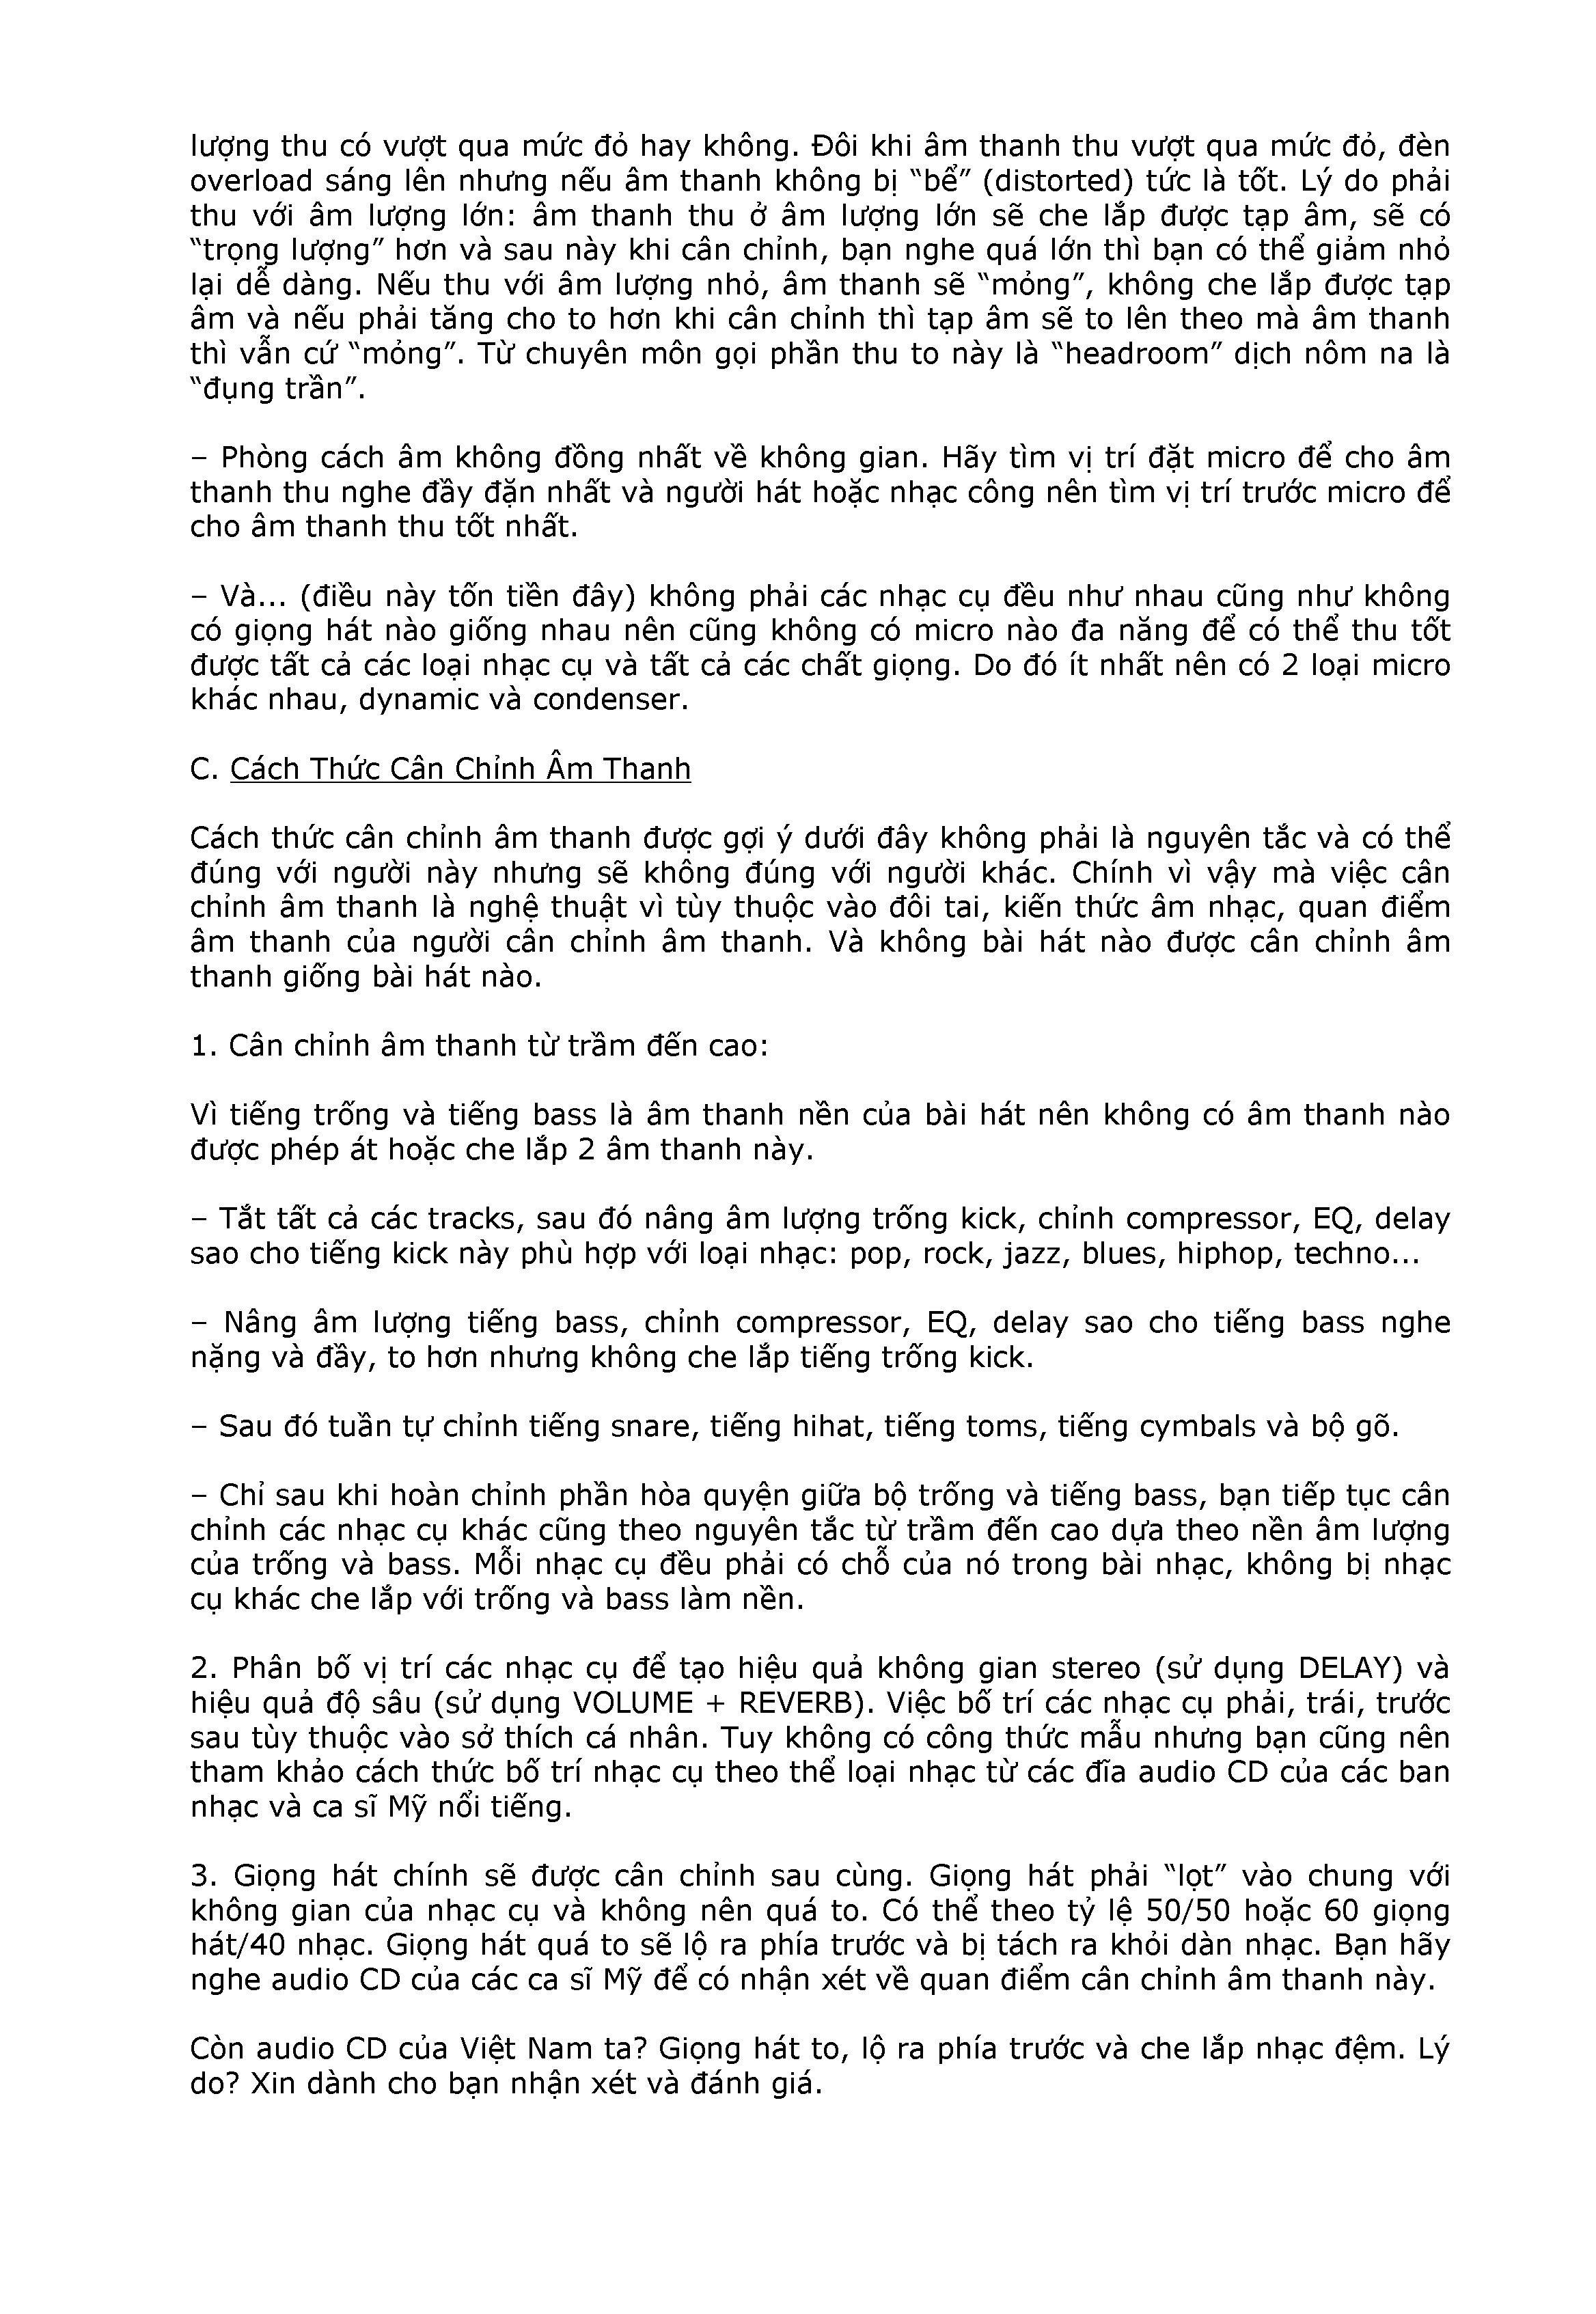 Xu Ly Am Thanh Trên Vi Tính-6-5.jpg